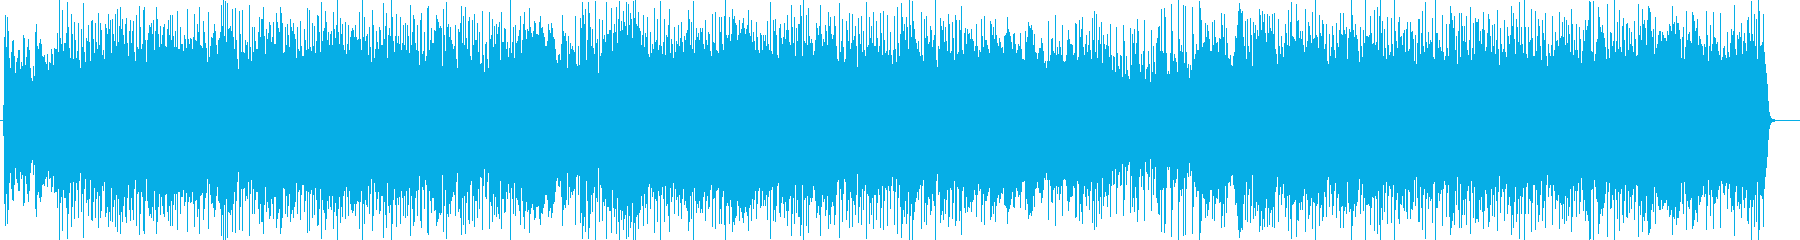 サーキットにいるようなシンセやギター曲の再生済みの波形